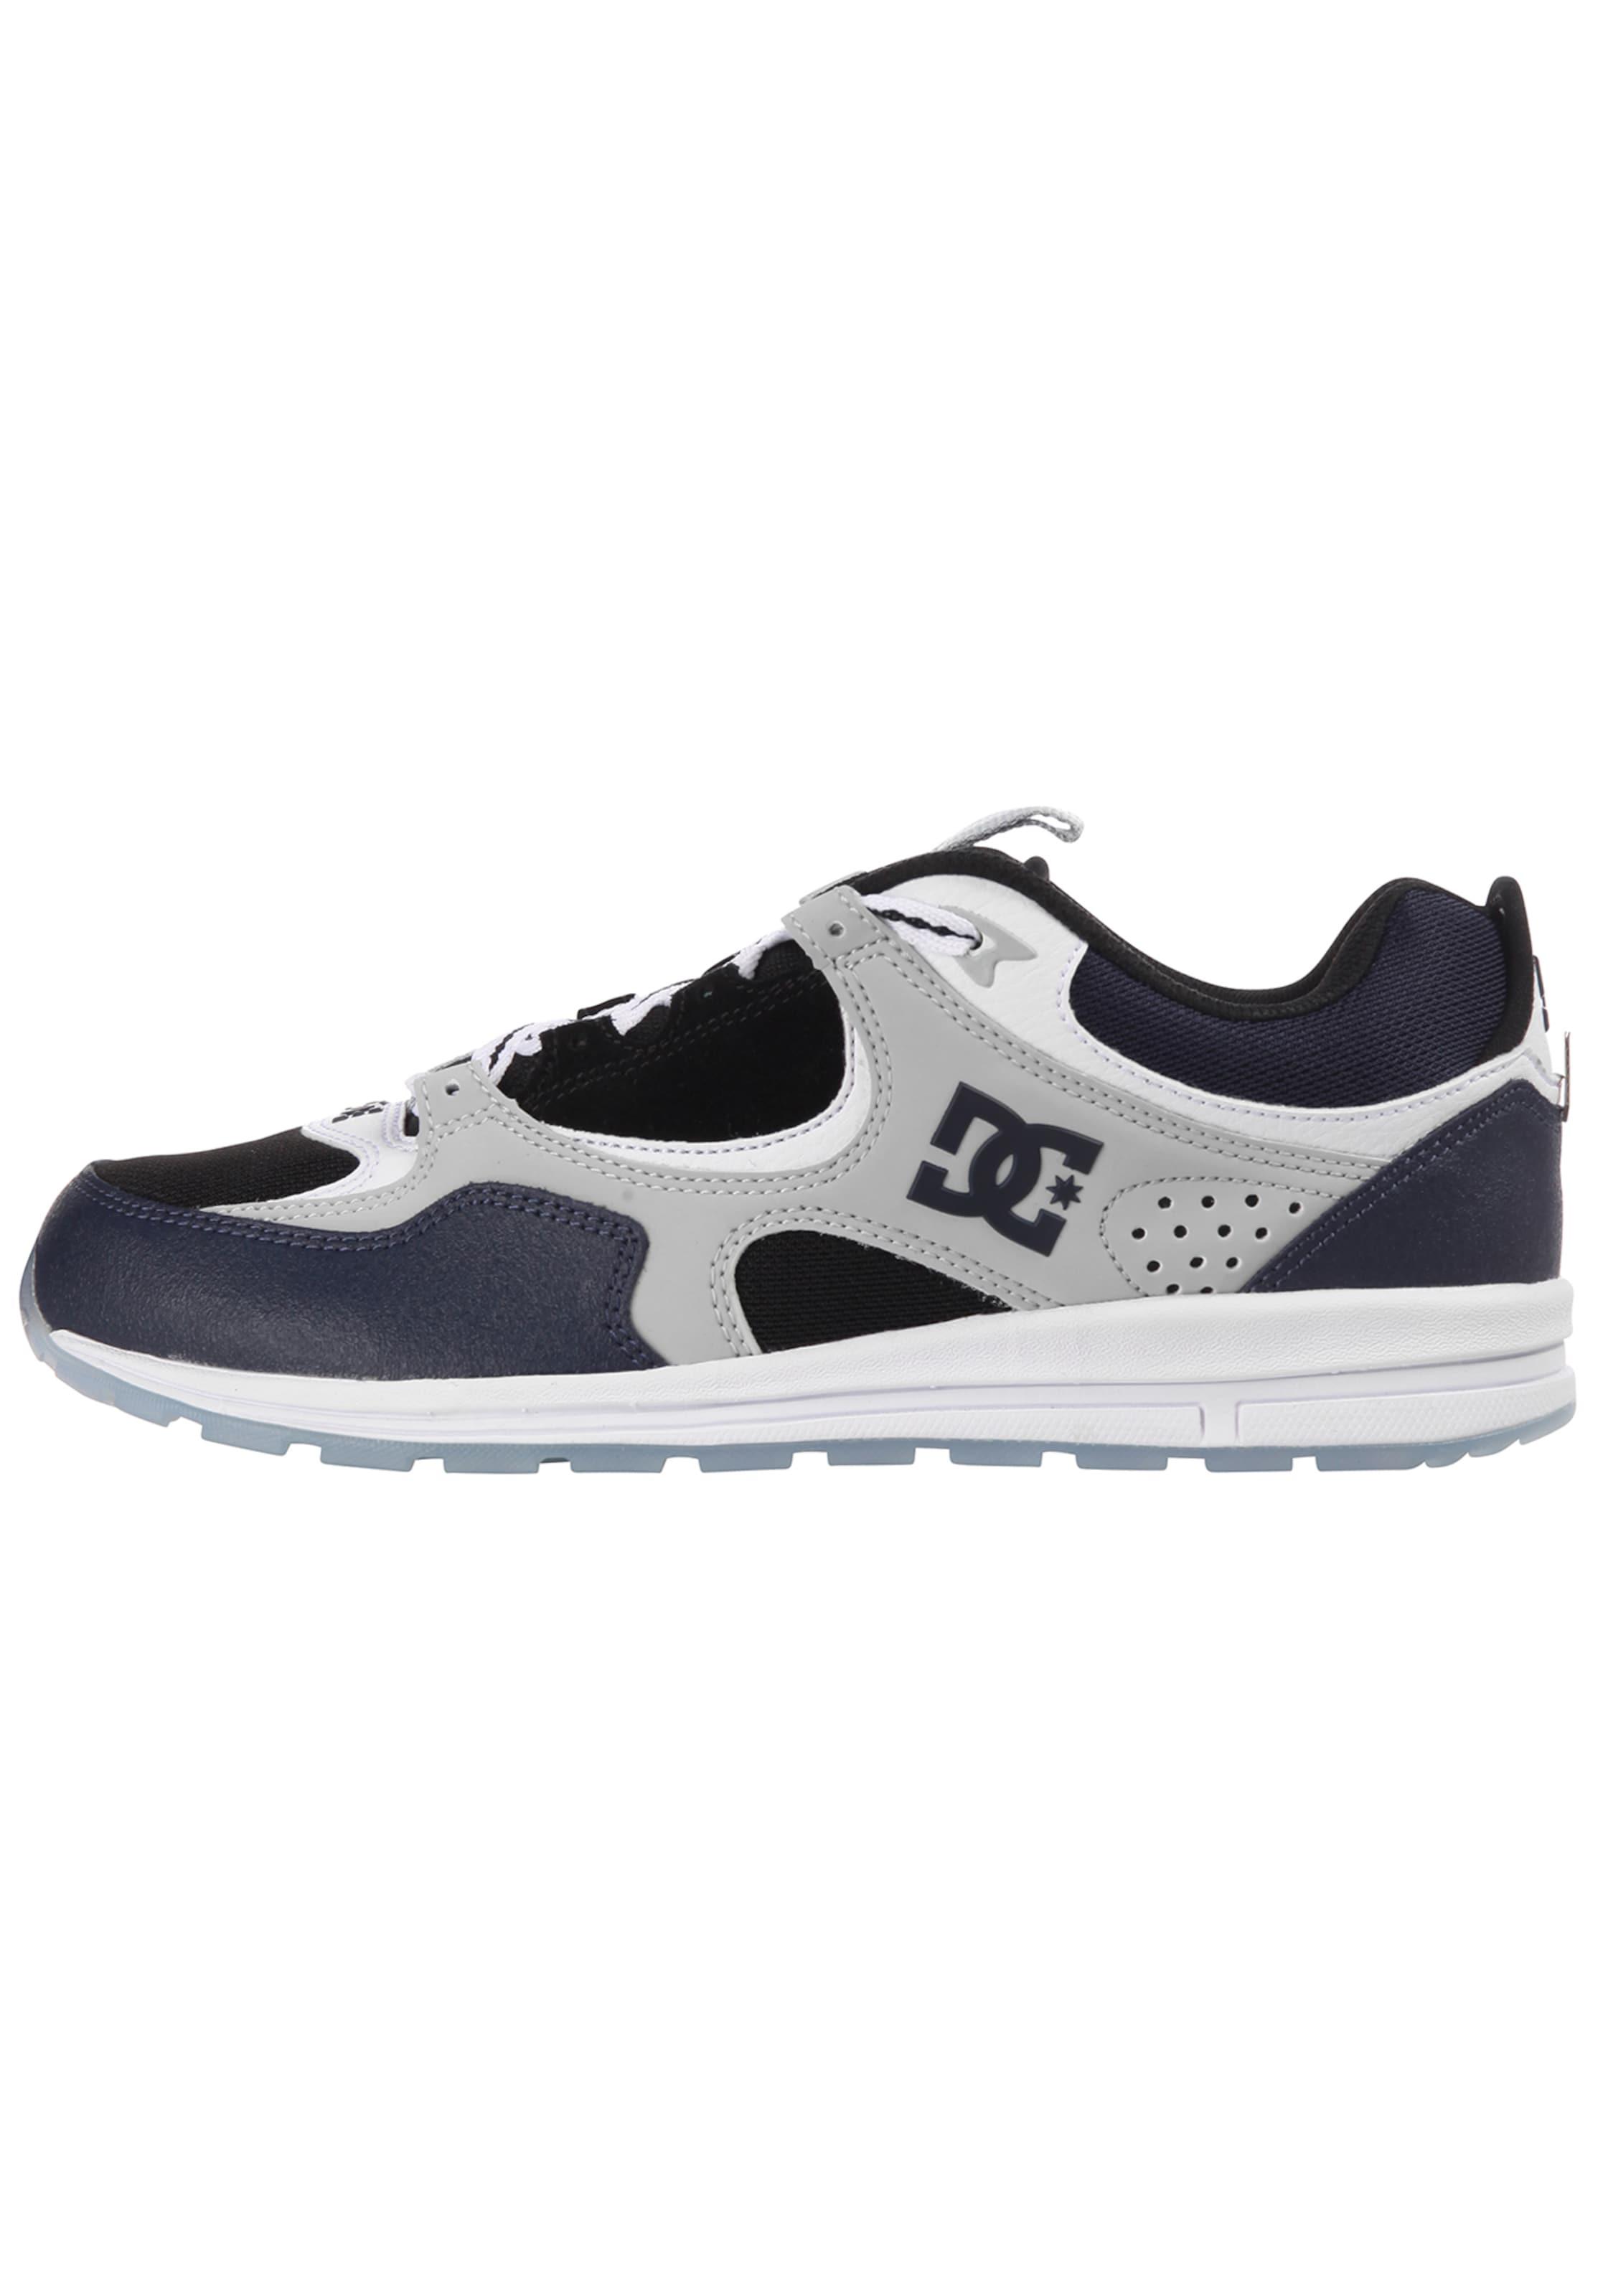 DC Shoes  Kalis Lite SE  Sneaker